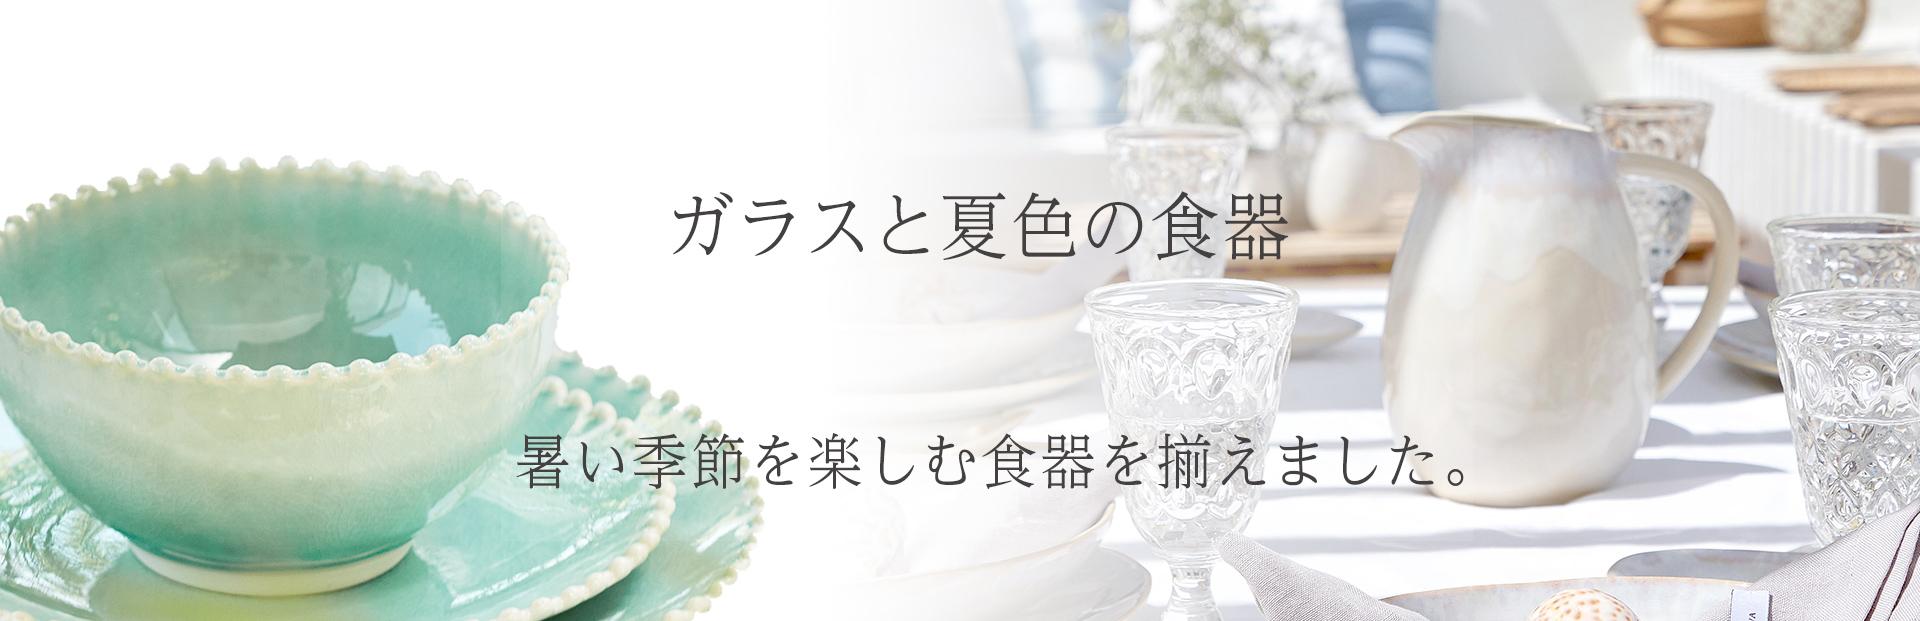 ガラス・パールアクアご紹介